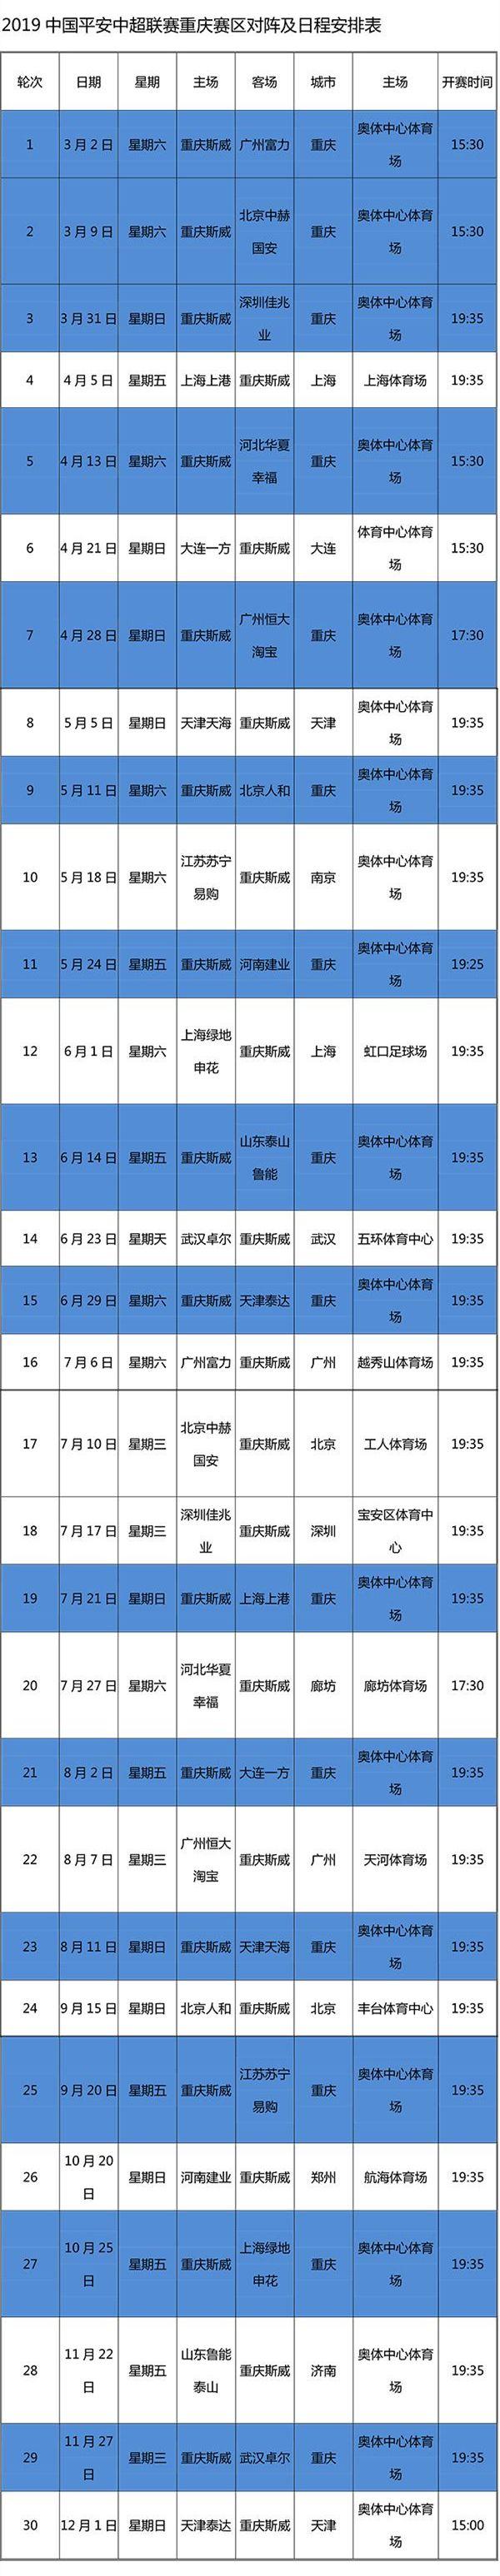 2019赛季重庆斯威队赛程表